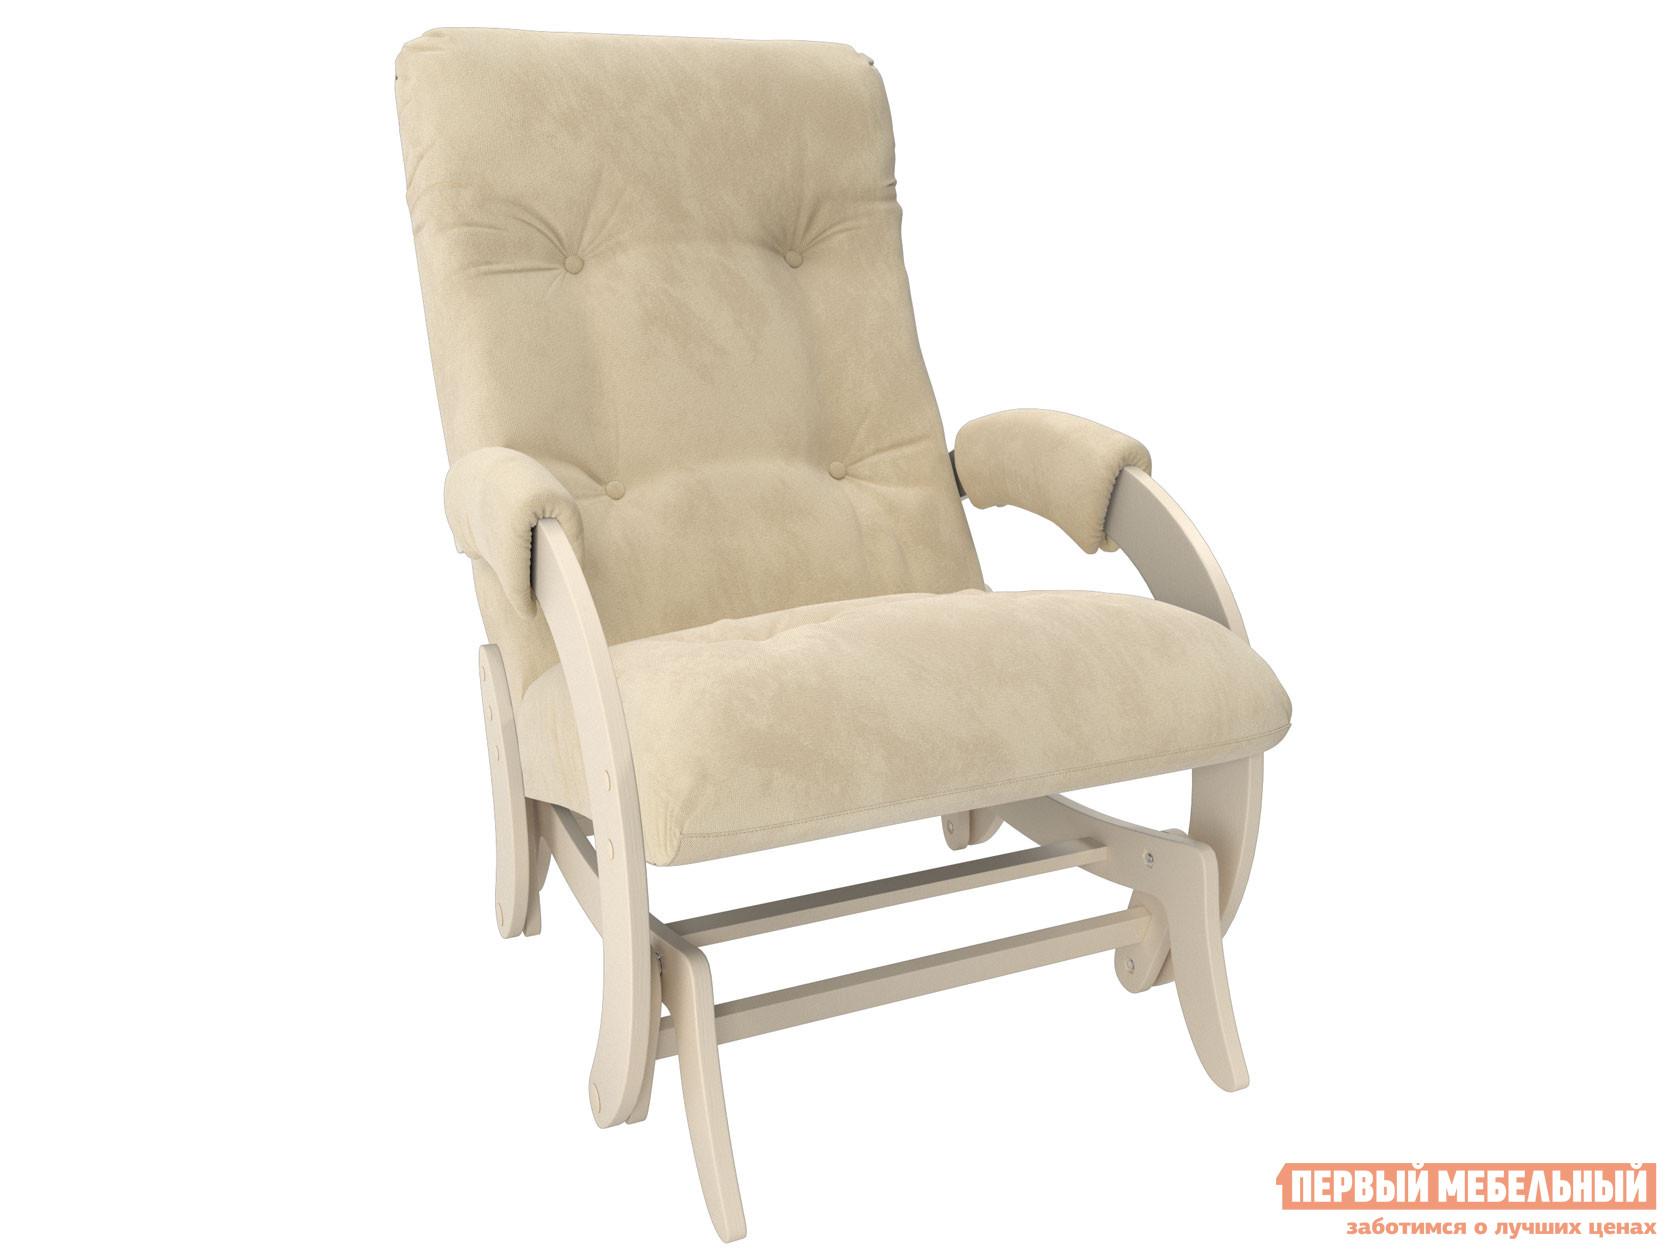 Кресло-качалка  Кресло-качалка глайдер Комфорт Модель 68 Дуб Шампань, Verona Vanilla, велюр